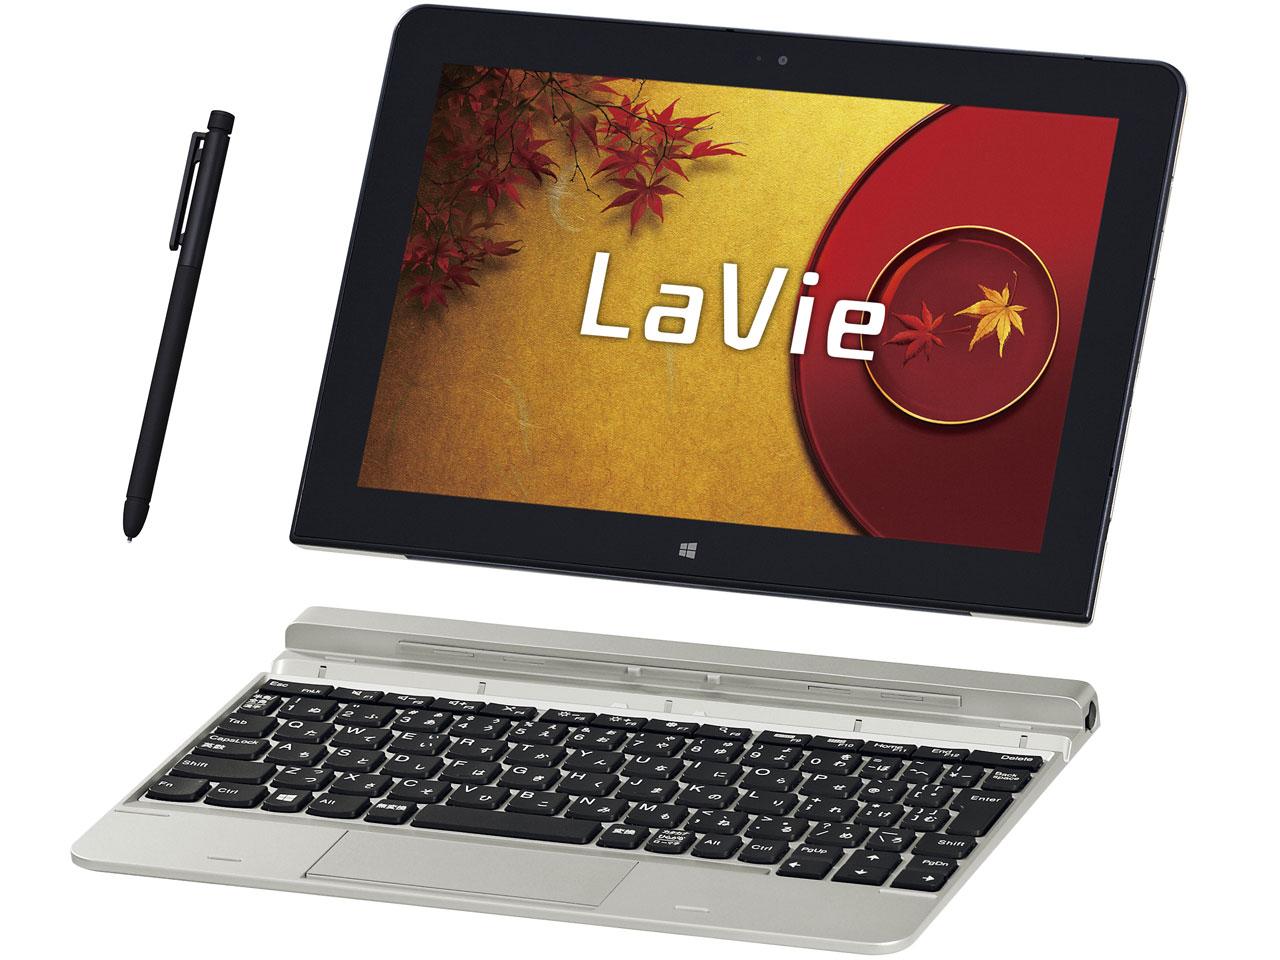 LaVie Tab W TW710/T2S PC-TW710T2S の製品画像